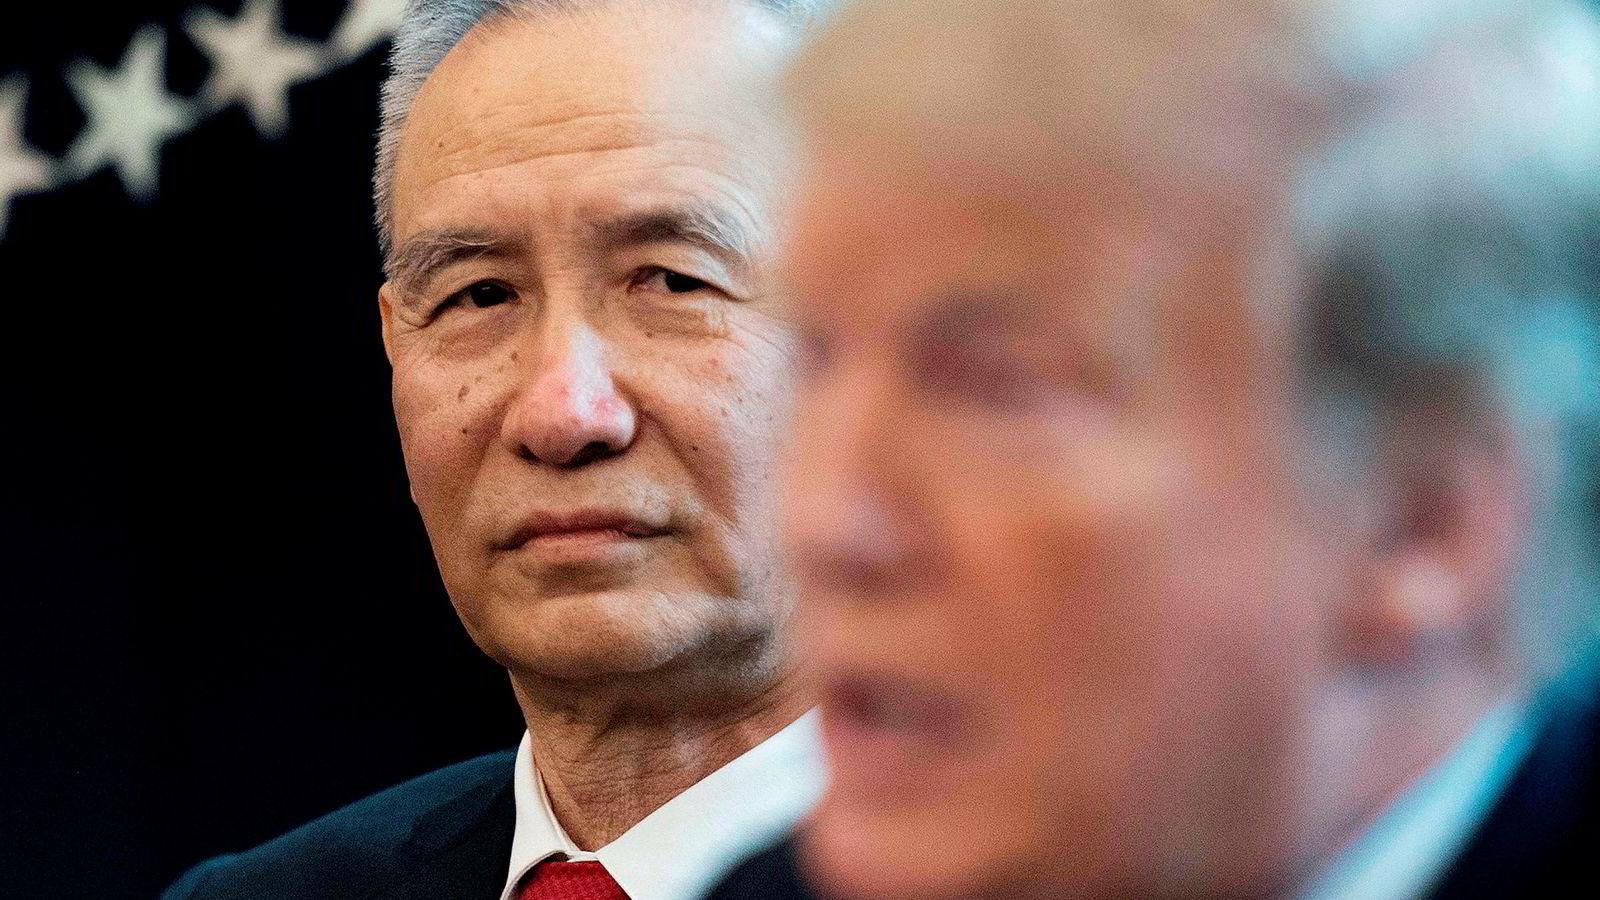 Kinas visestatsminister Lie He er sammen med en kinesisk delegasjon på besøk i USA for å forhandle frem en løsning på handelsavtalen. Her fra et besøk hos USAs president Donald Trump i det ovale kontor i Det hvite hus.